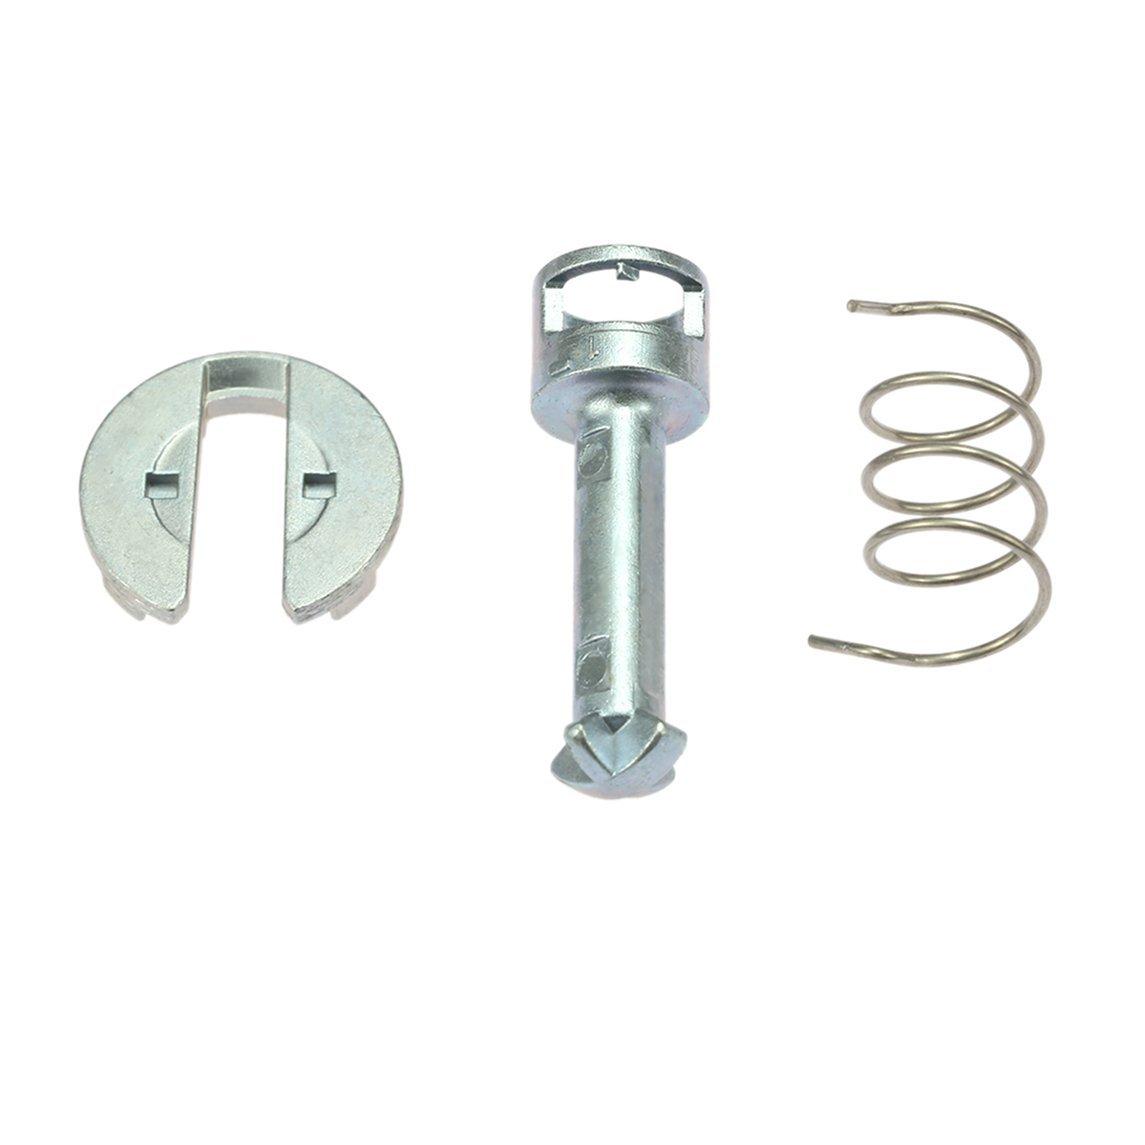 Footprintse Sostituzione kit di riparazione serratura porta 7pcs per BMW X3 X5 Porta anteriore sinistra/destra (colore: argento)